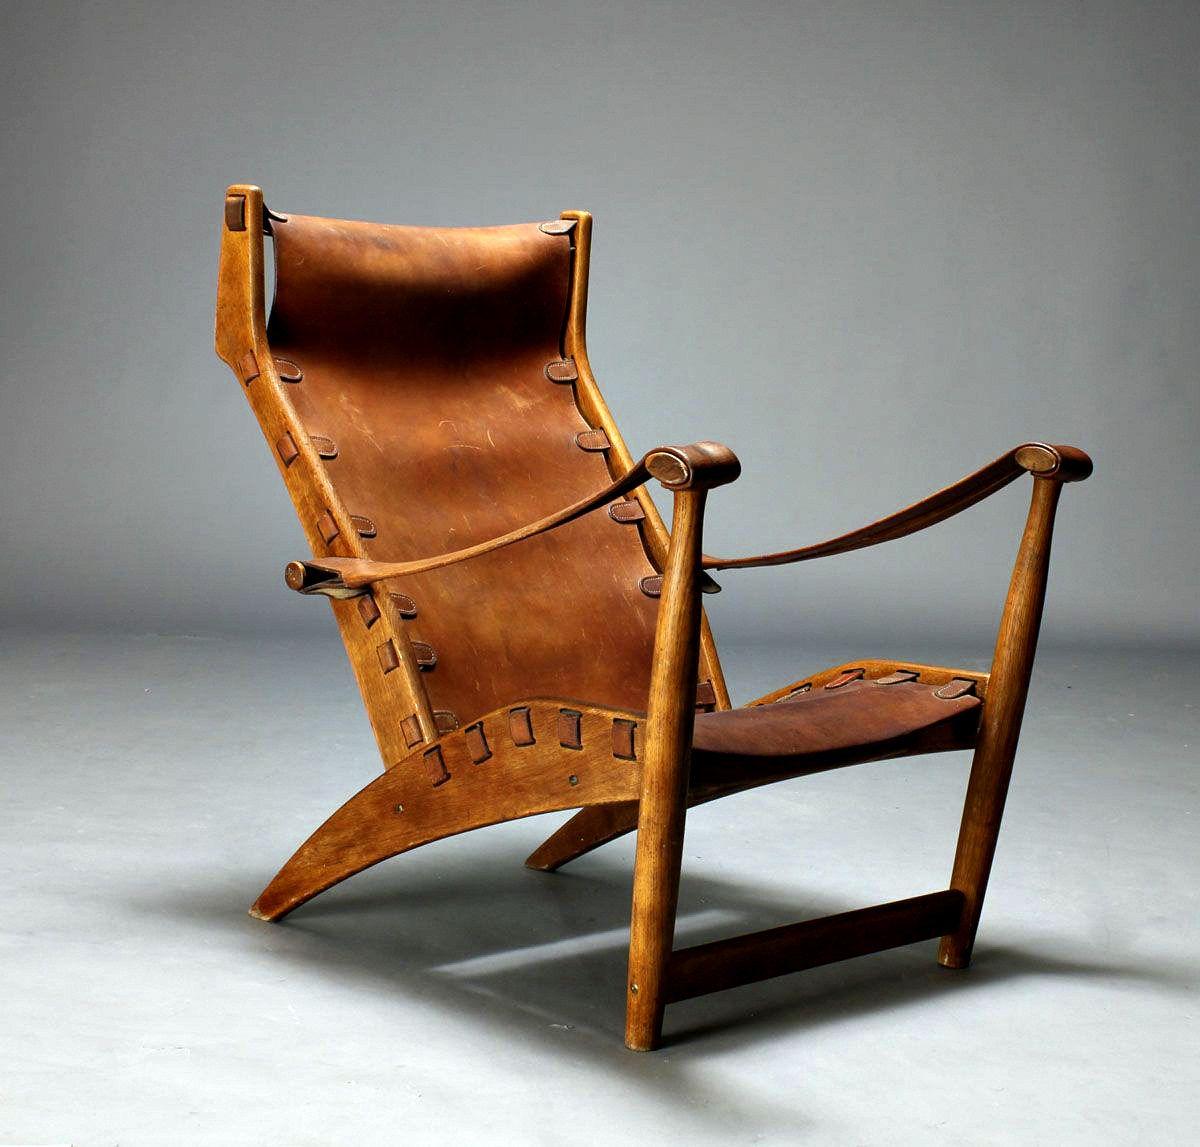 poul henningsen stol - Google-søgning | smukke møbler | Chair, Furniture Design og Copenhagen